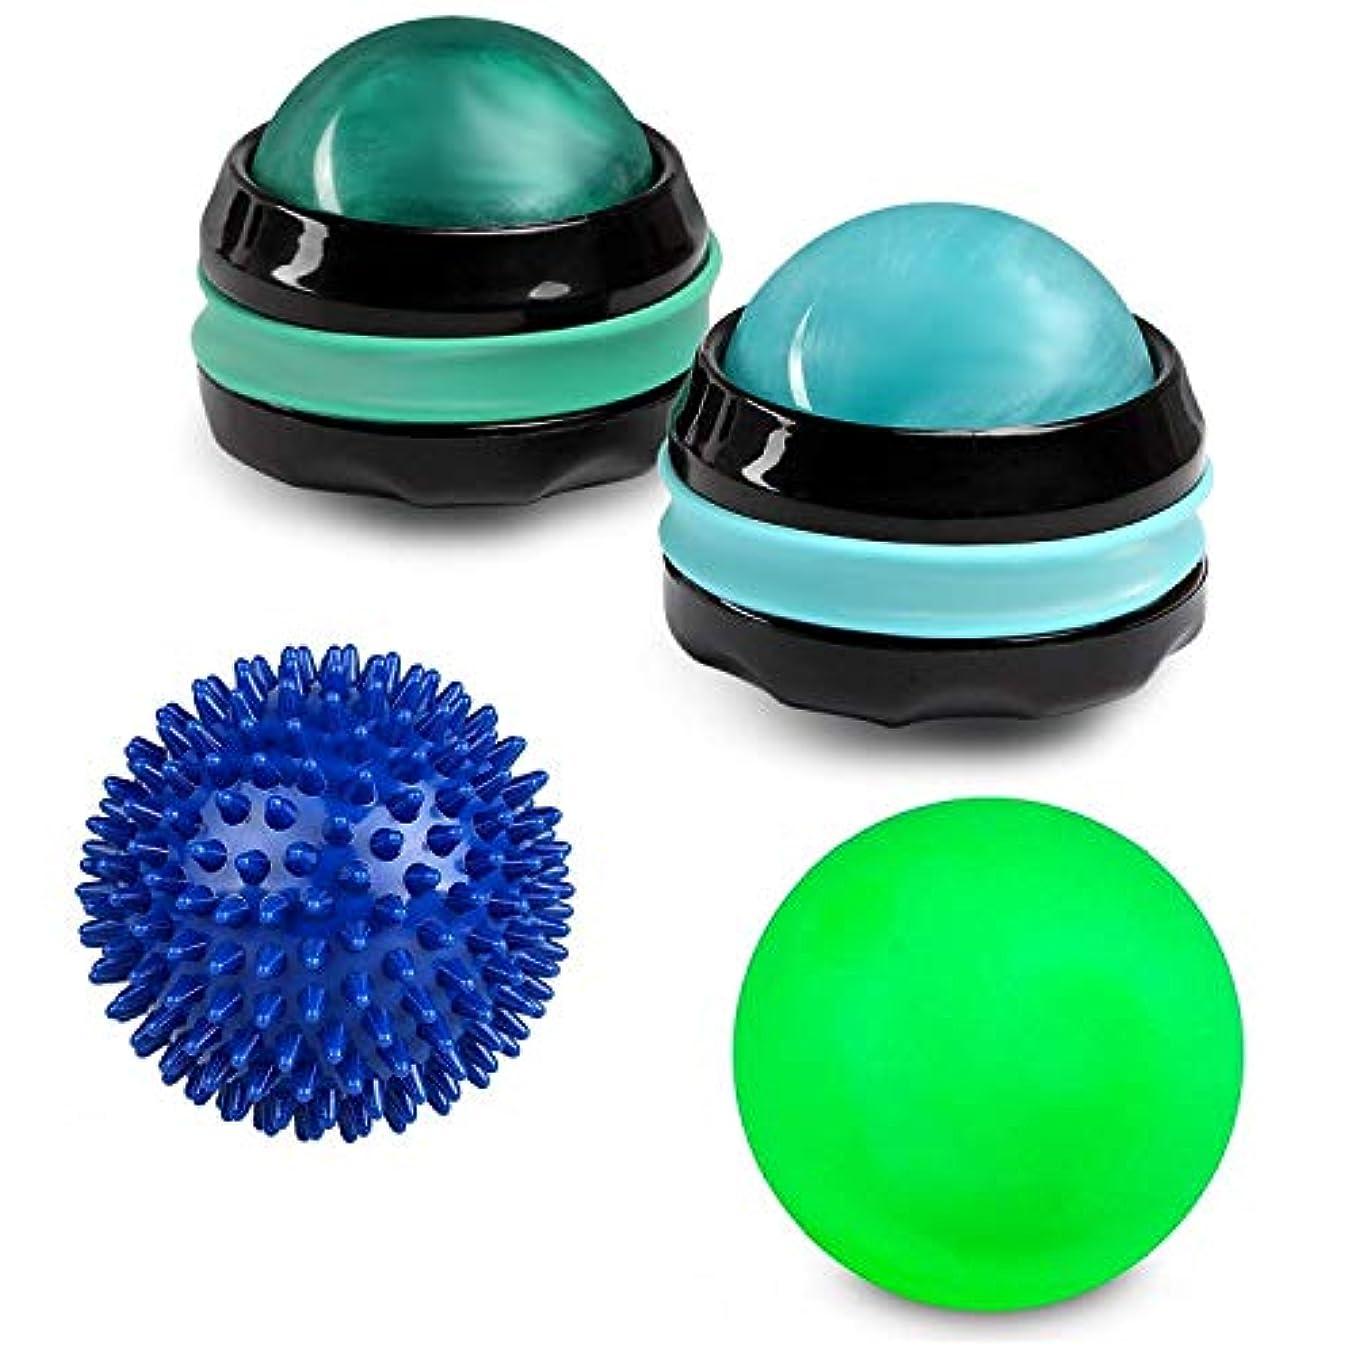 単なる開示する靴Massage Ball Set - Foot Body Back Leg Neck Hand Rejuvenation Therapy Roller Massager Therapy (Bundle: 1 Lacrosse...